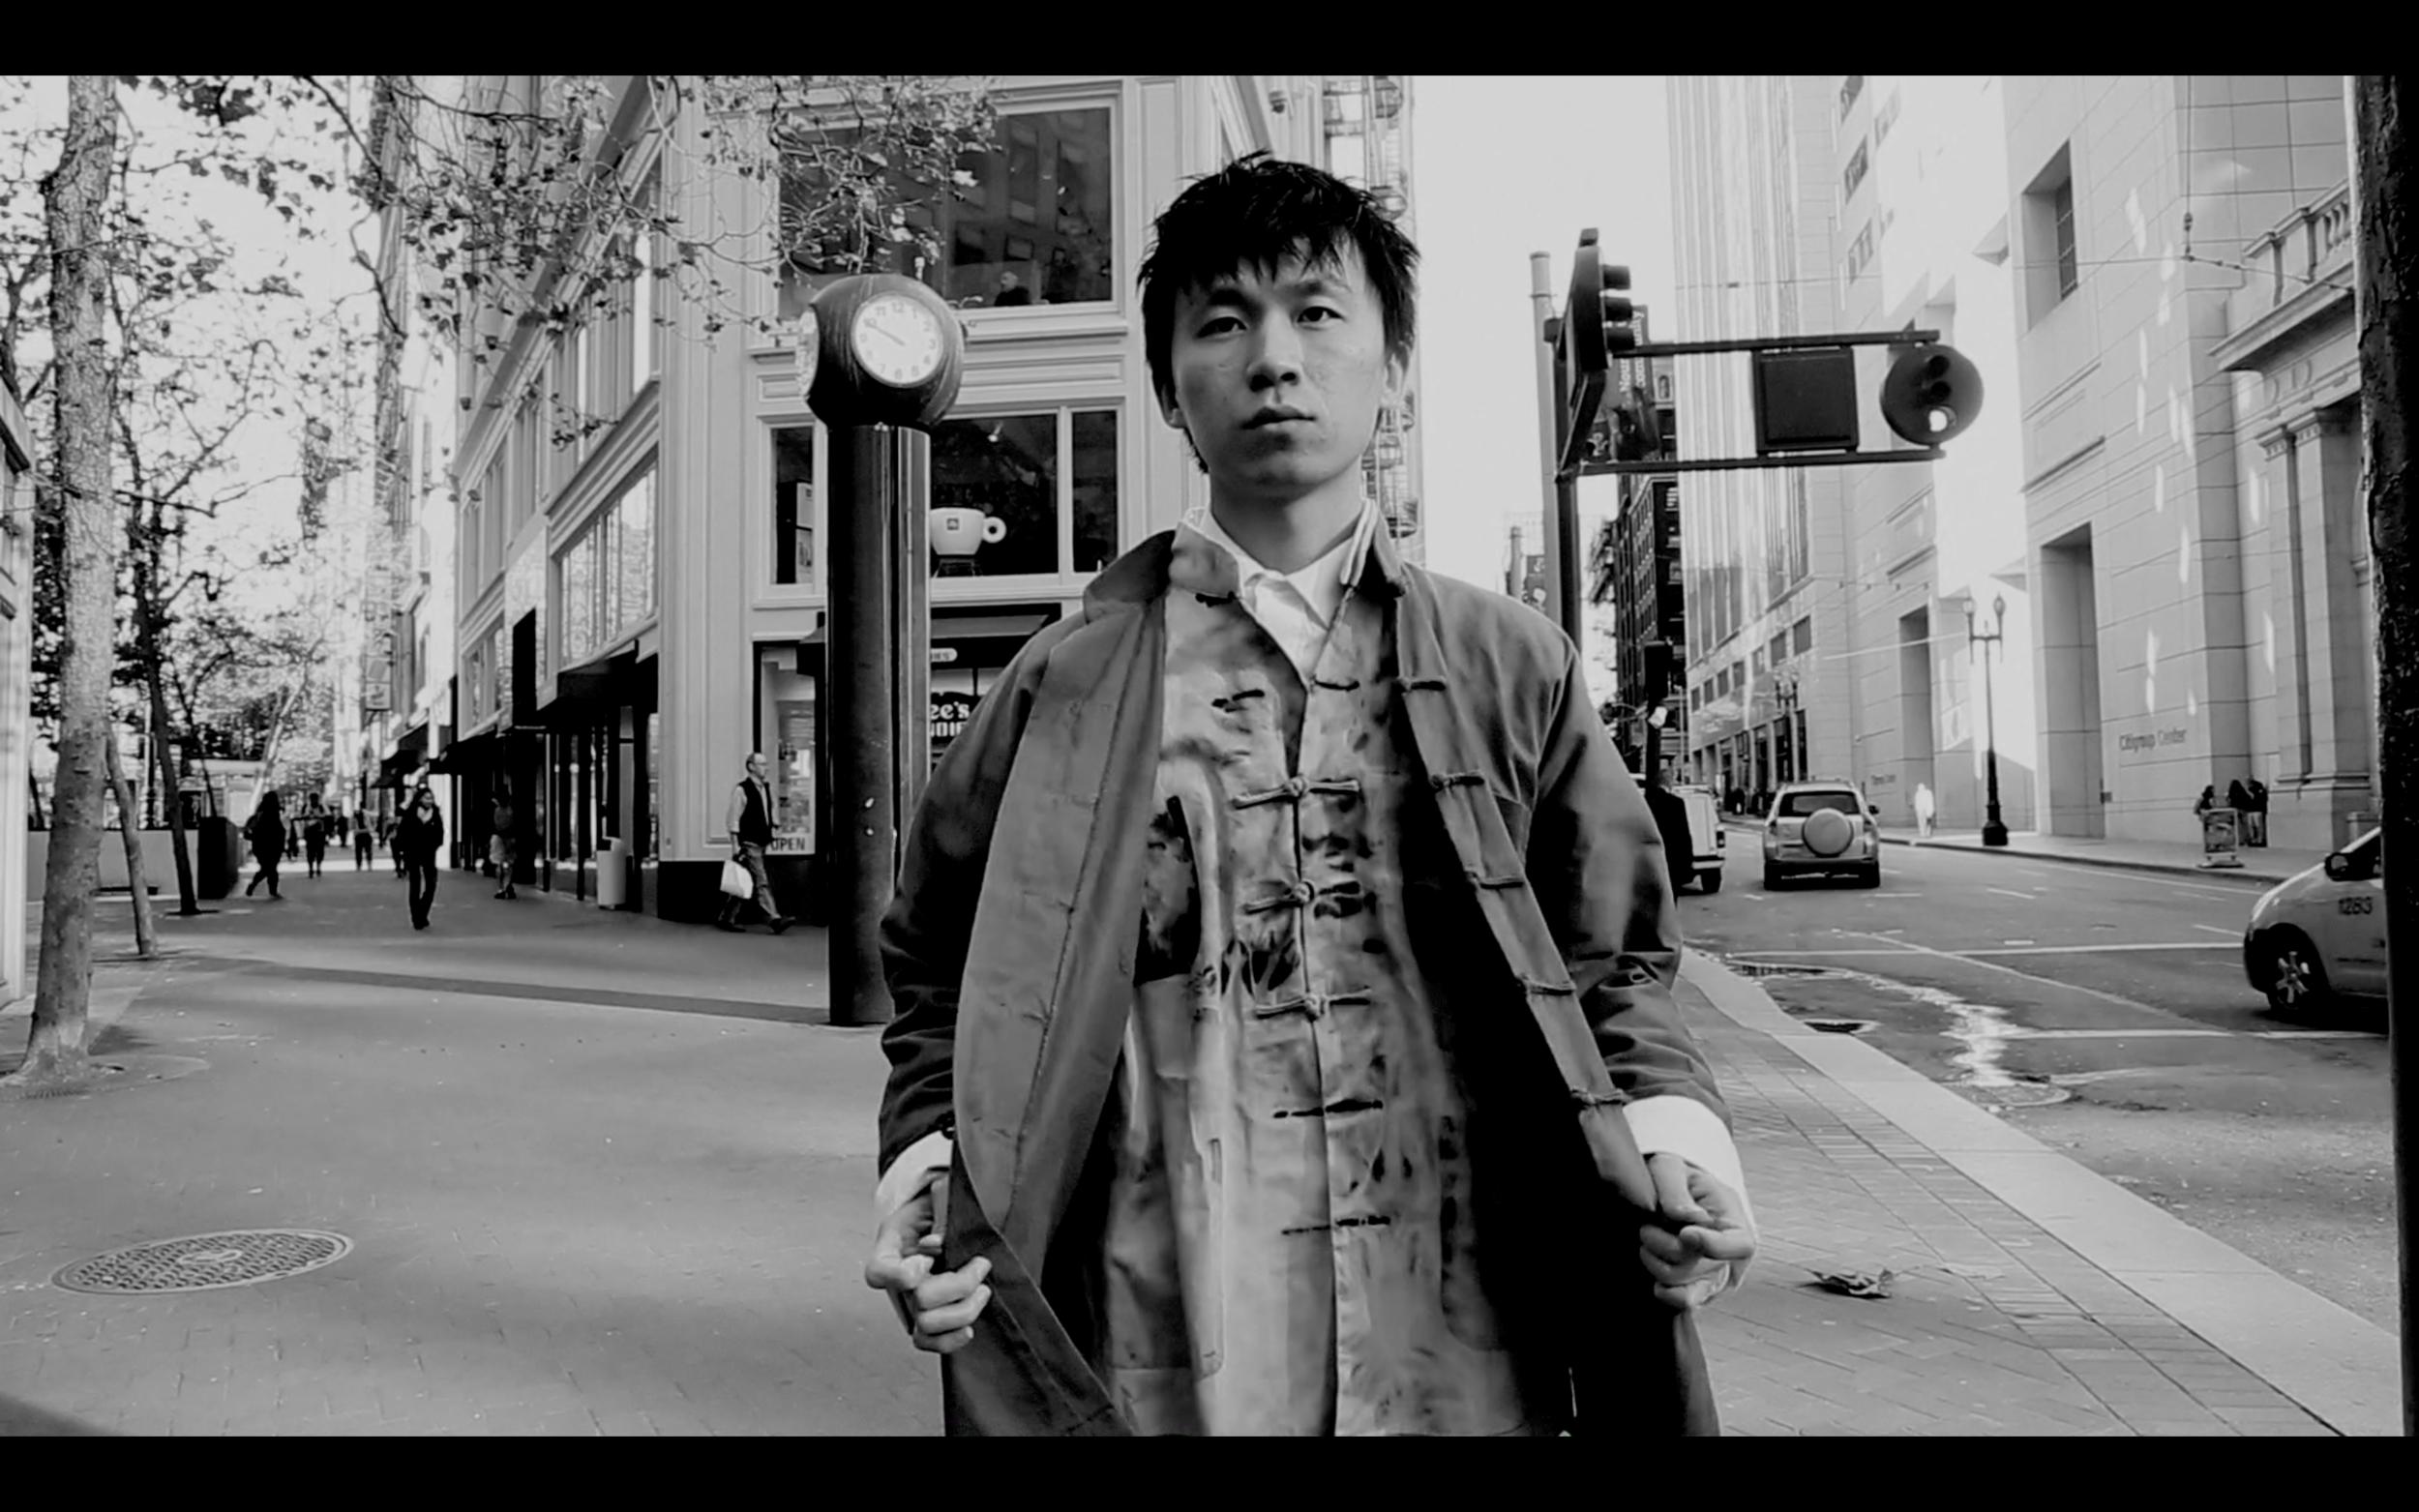 Identity - Jun Yin, Film, San Francisco, 2013